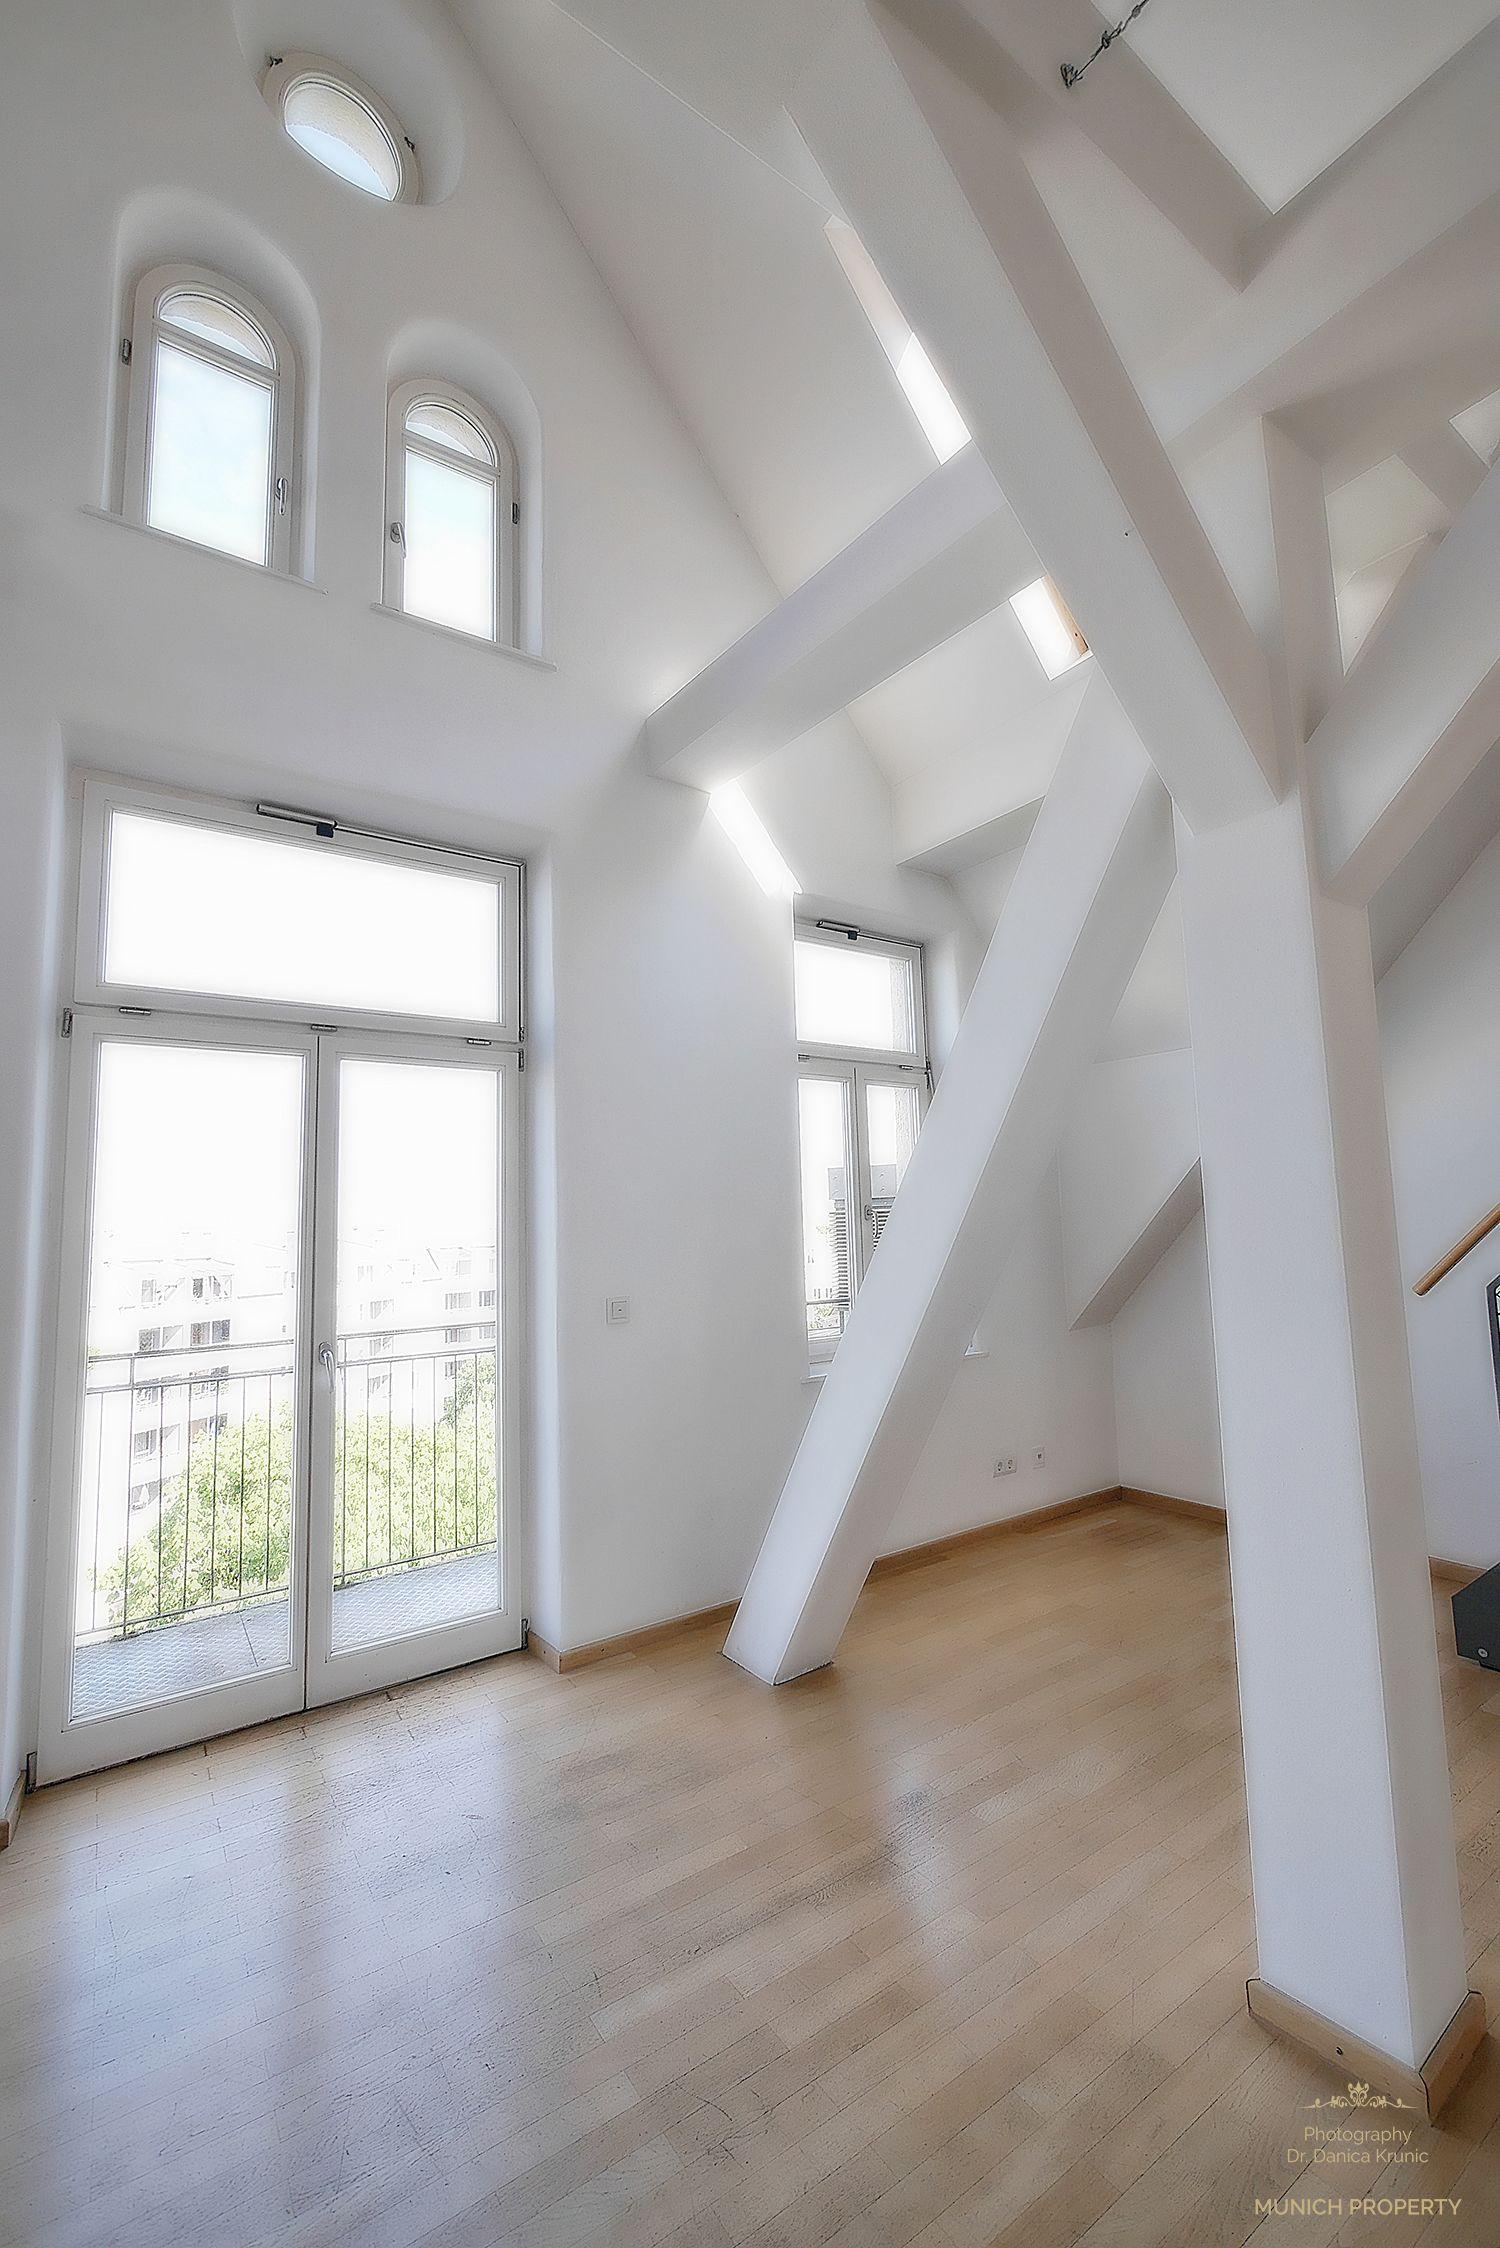 Wohnung Munchen Isarvorstadt Ludwigsvorstadt Glockenbach Luxus Galerie Parkett Saulen Schragen Wohnung Traumwohnung Luxus